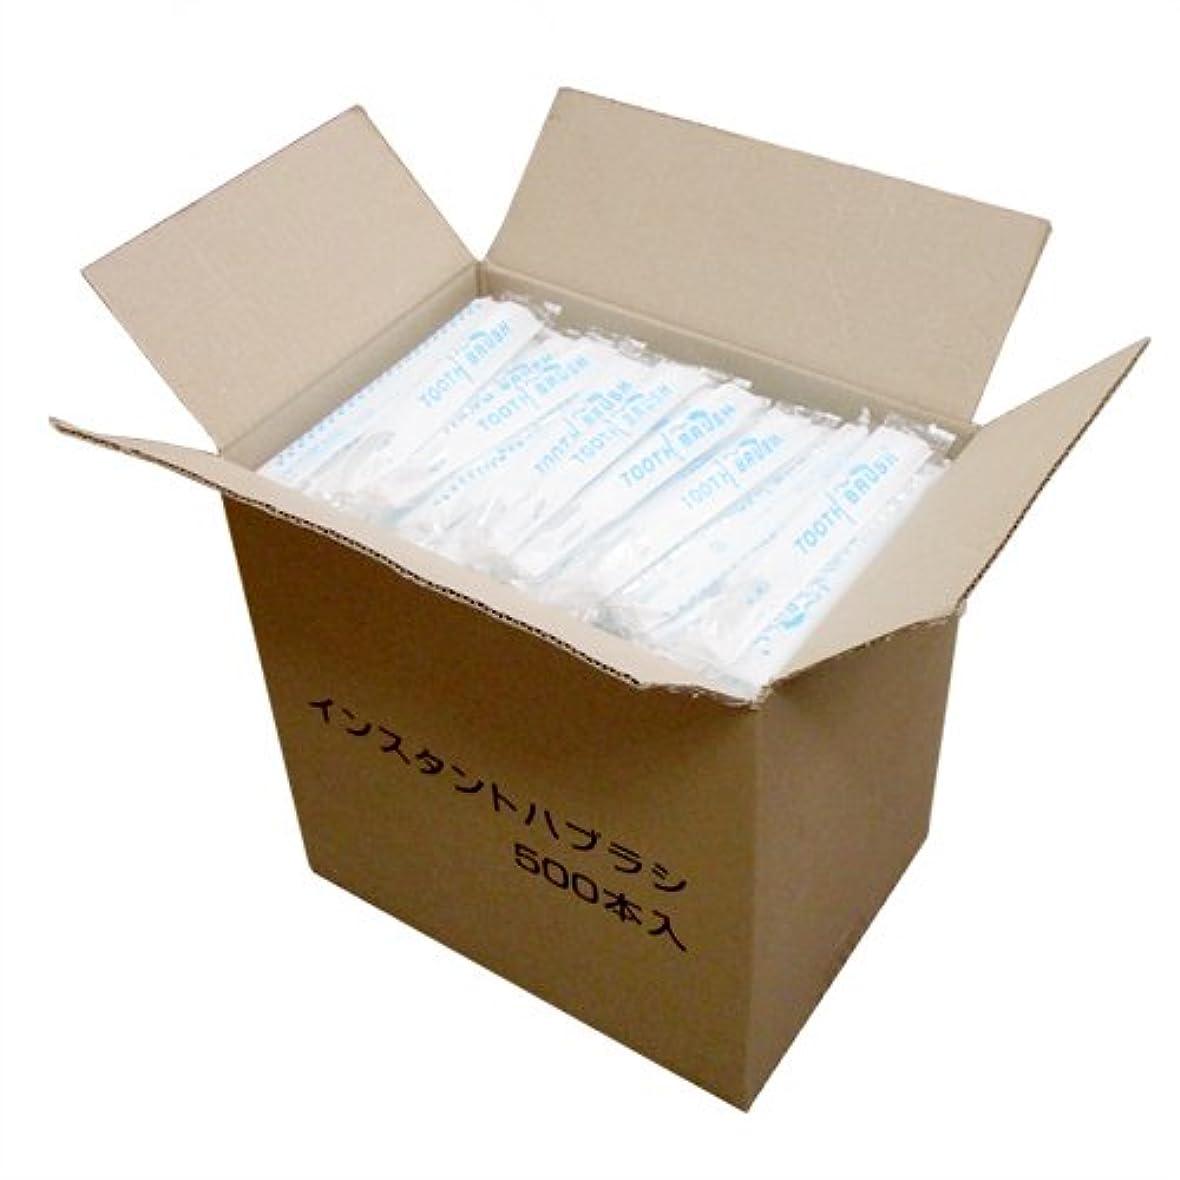 焦げ促す食物業務用 日本製 使い捨て粉付き歯ブラシ 個包装タイプ 500本入×1箱│ホテルアメニティ